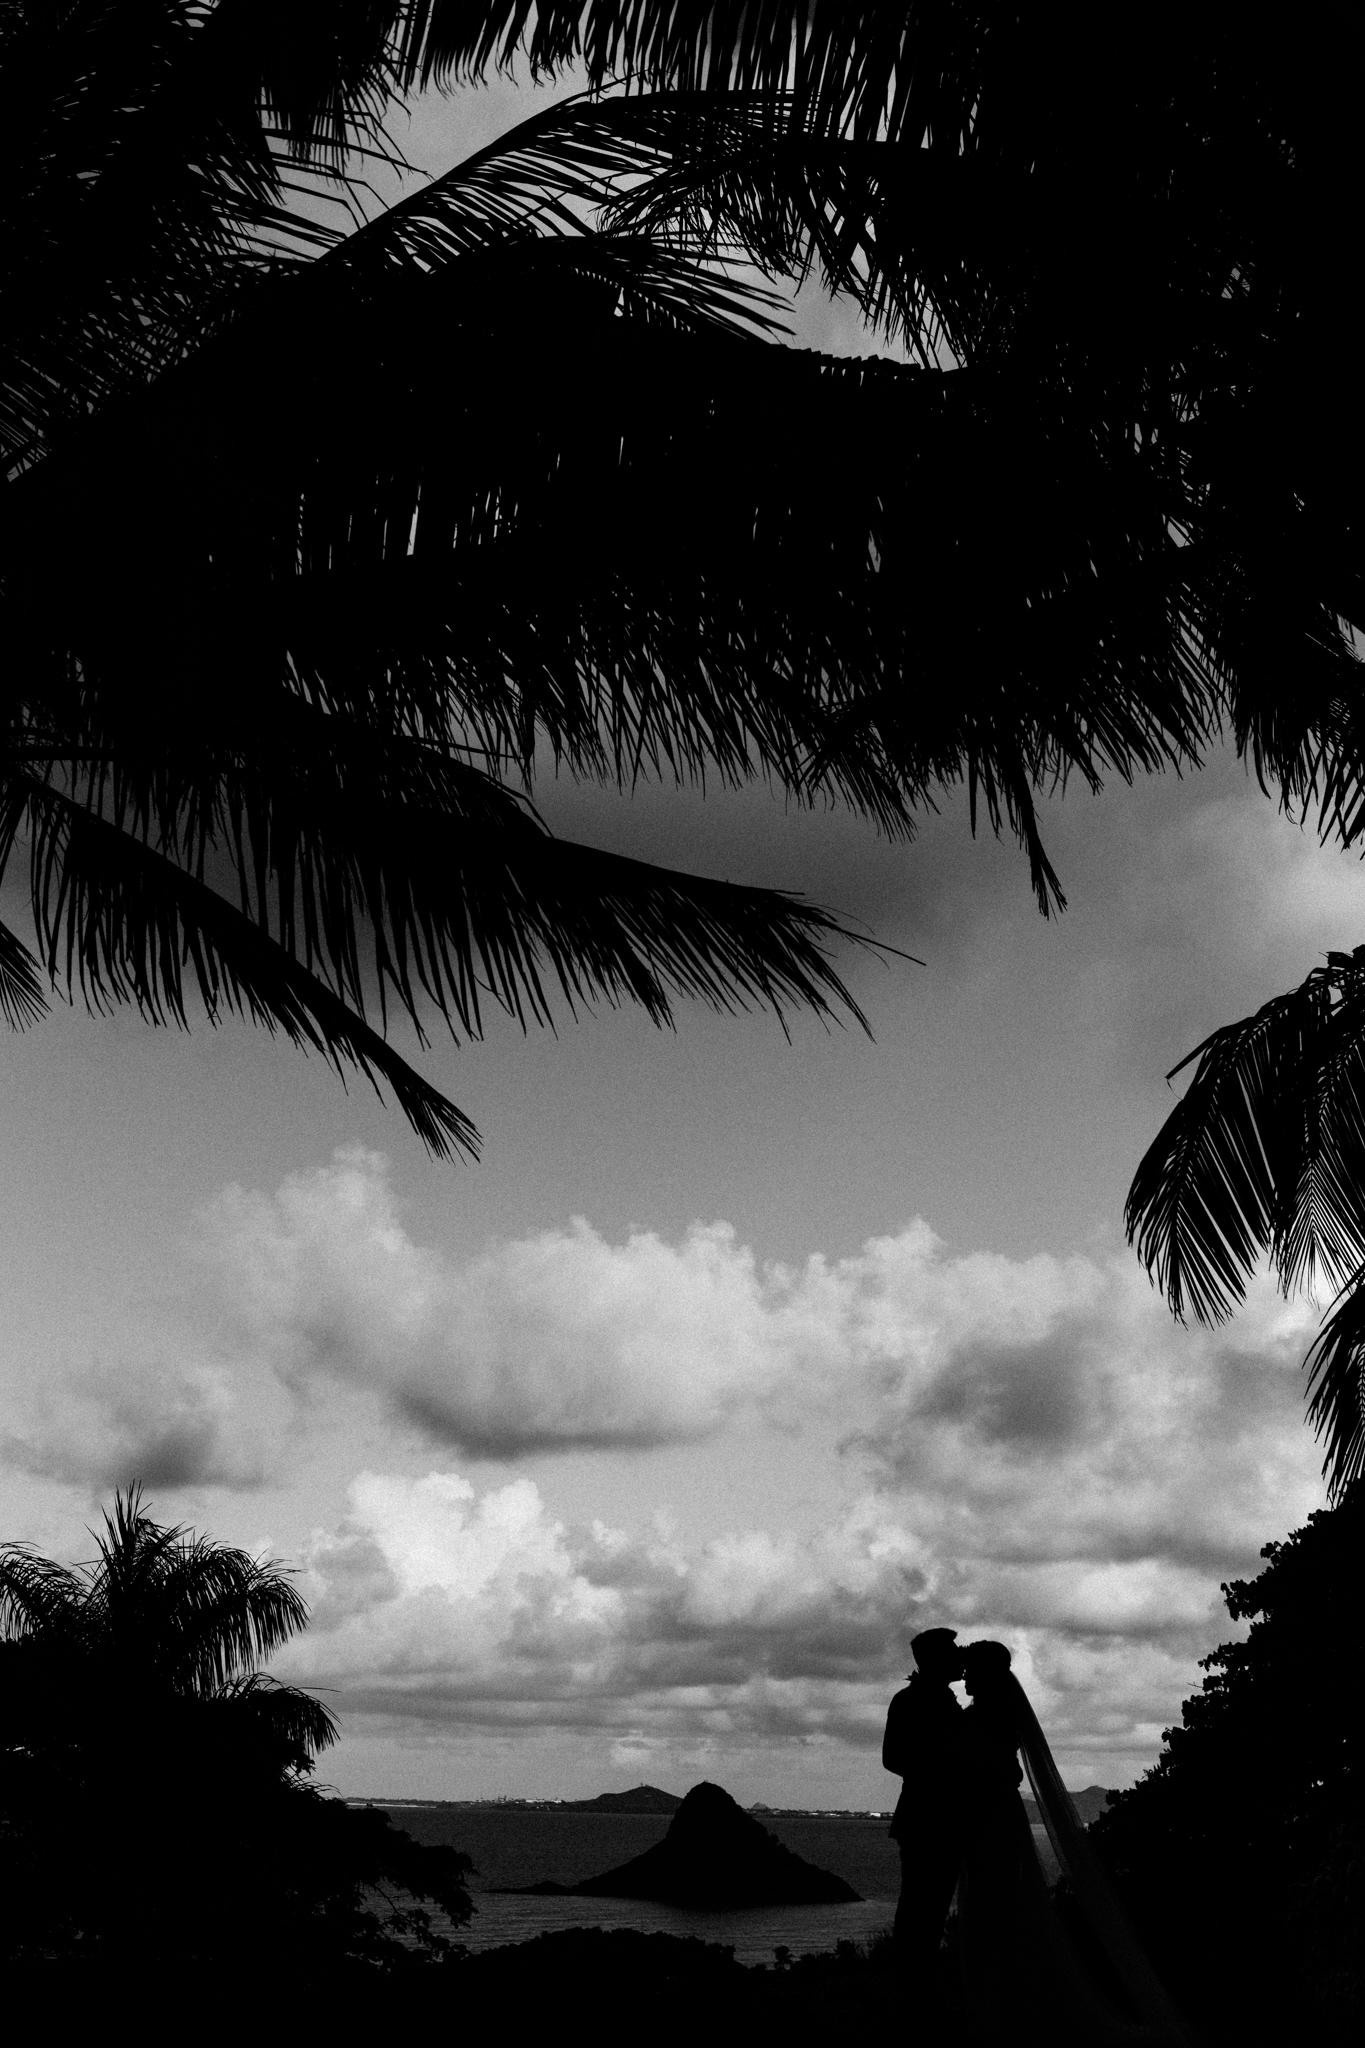 kualoa_ranch_wedding_photography_tone_hawaii-73.jpg